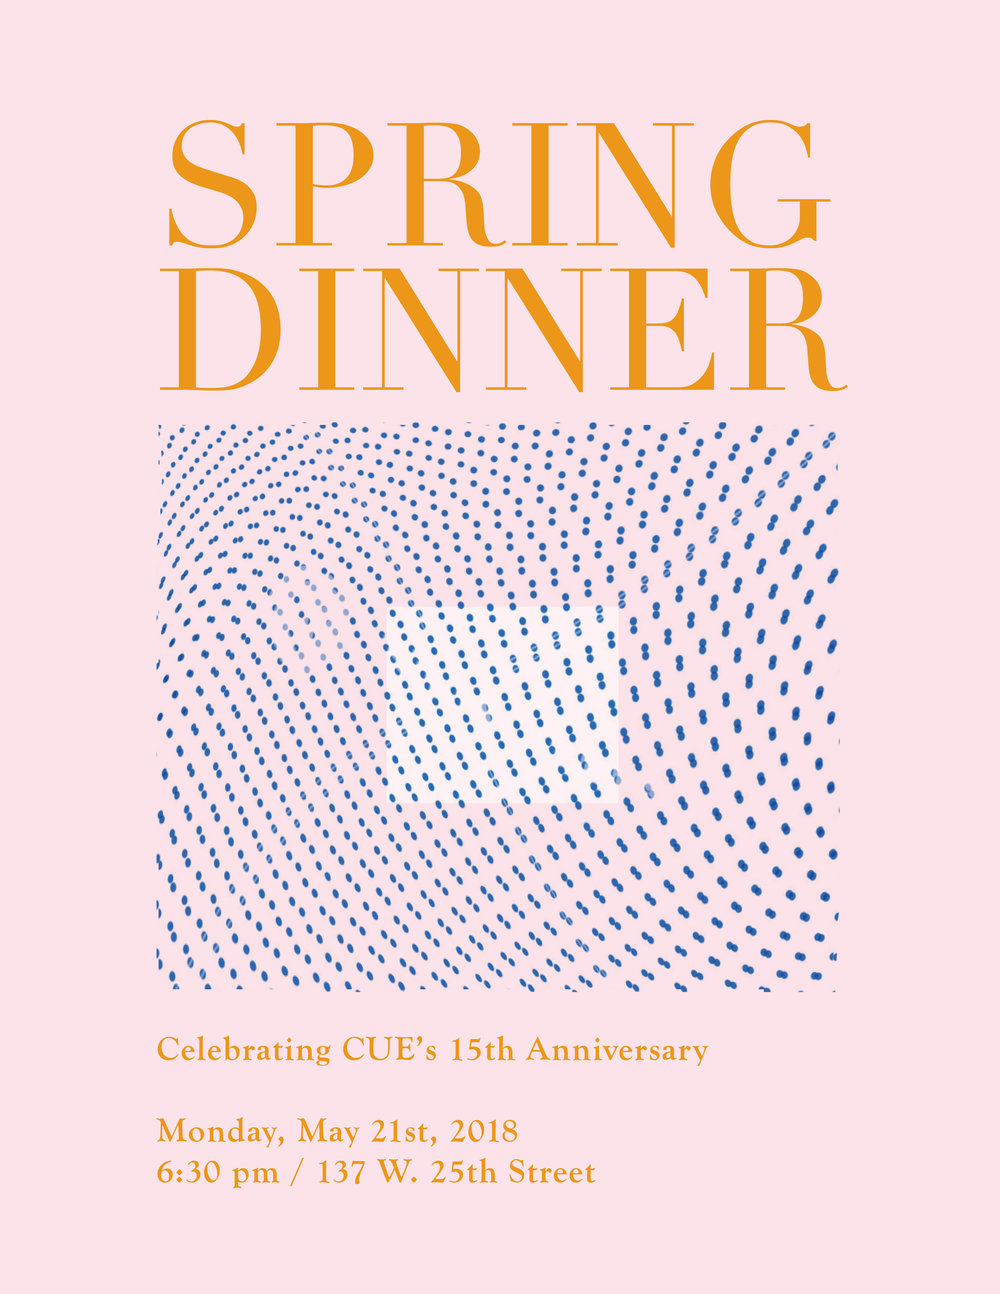 Spring_Dinner_invite_2.jpg